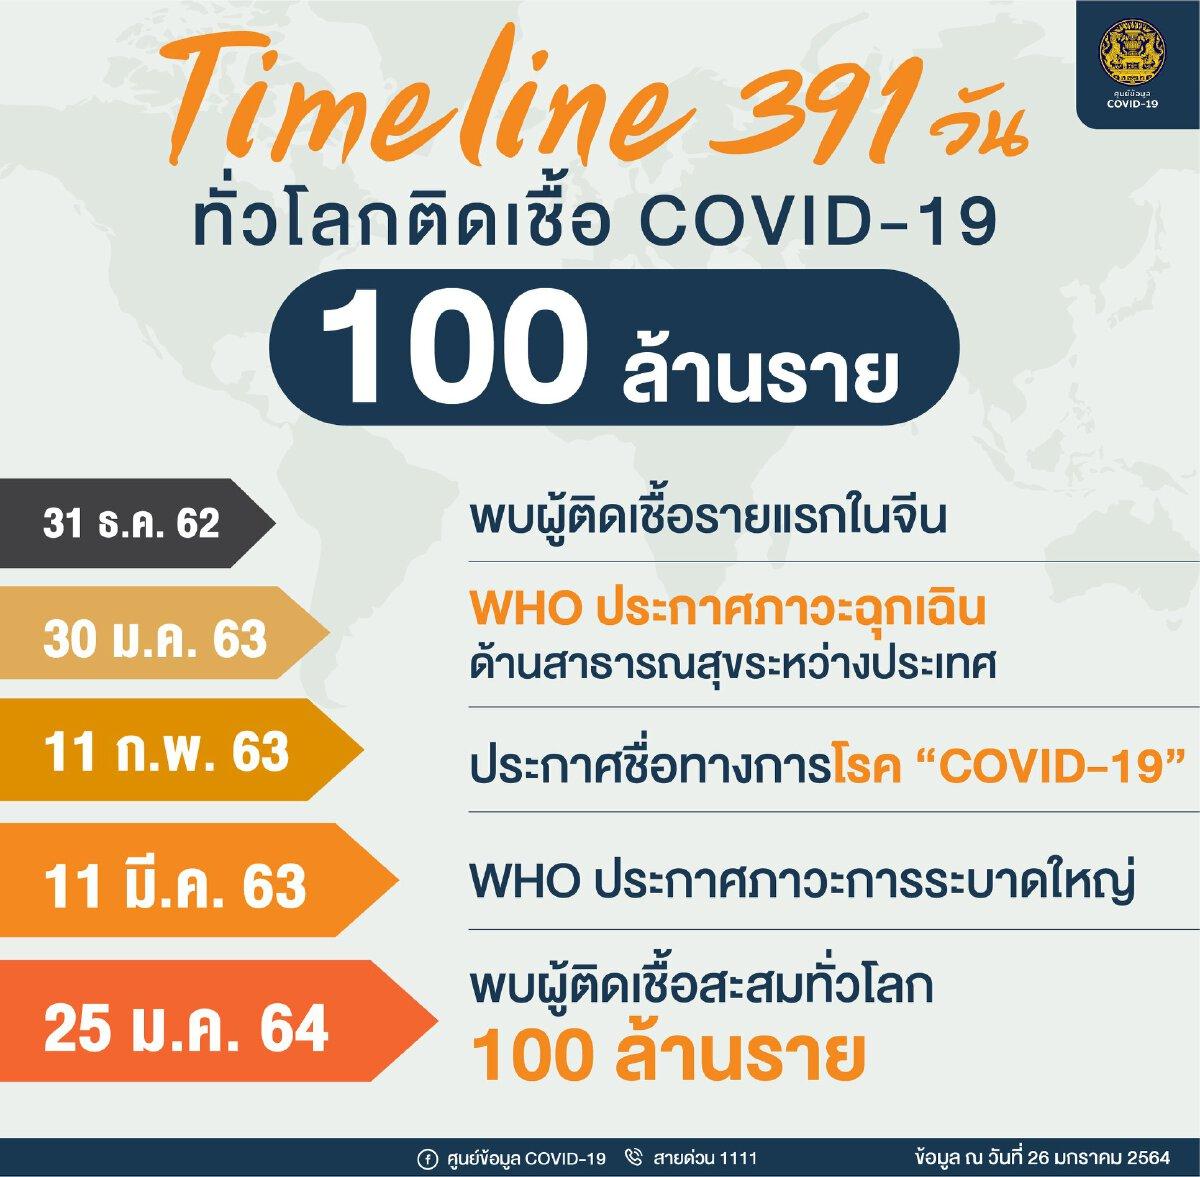 สวนดุสิตโพลเผย คนไทยมีความสุขในยุดโควิด 19